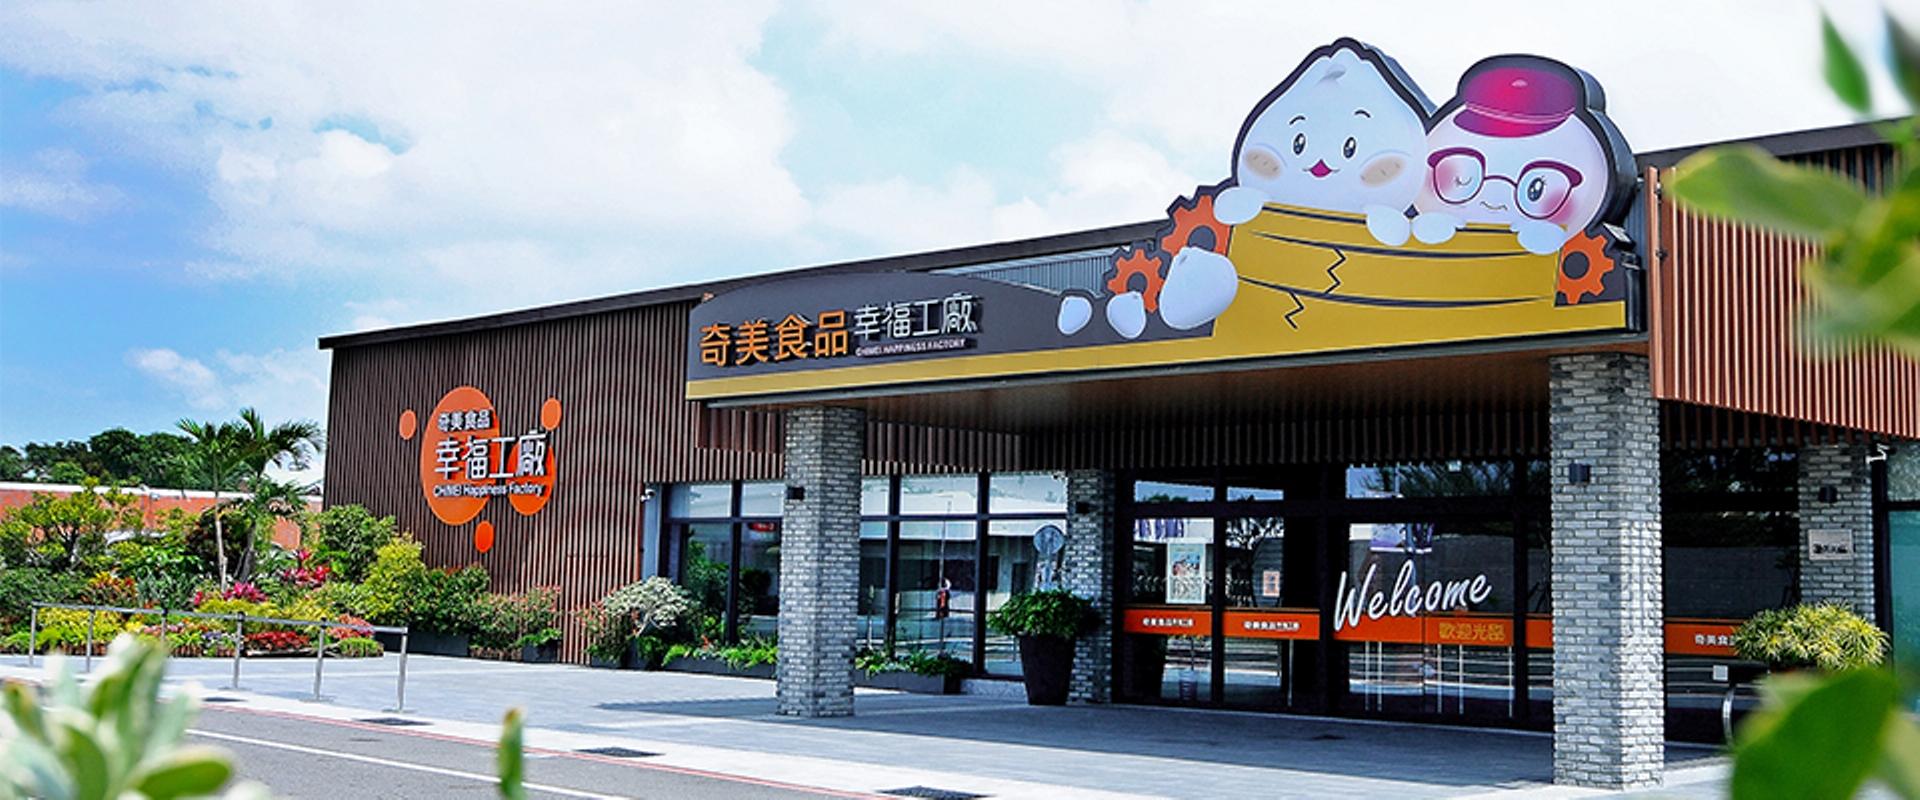 台南-奇美食品幸福工廠| 燒包子品牌形象館門票